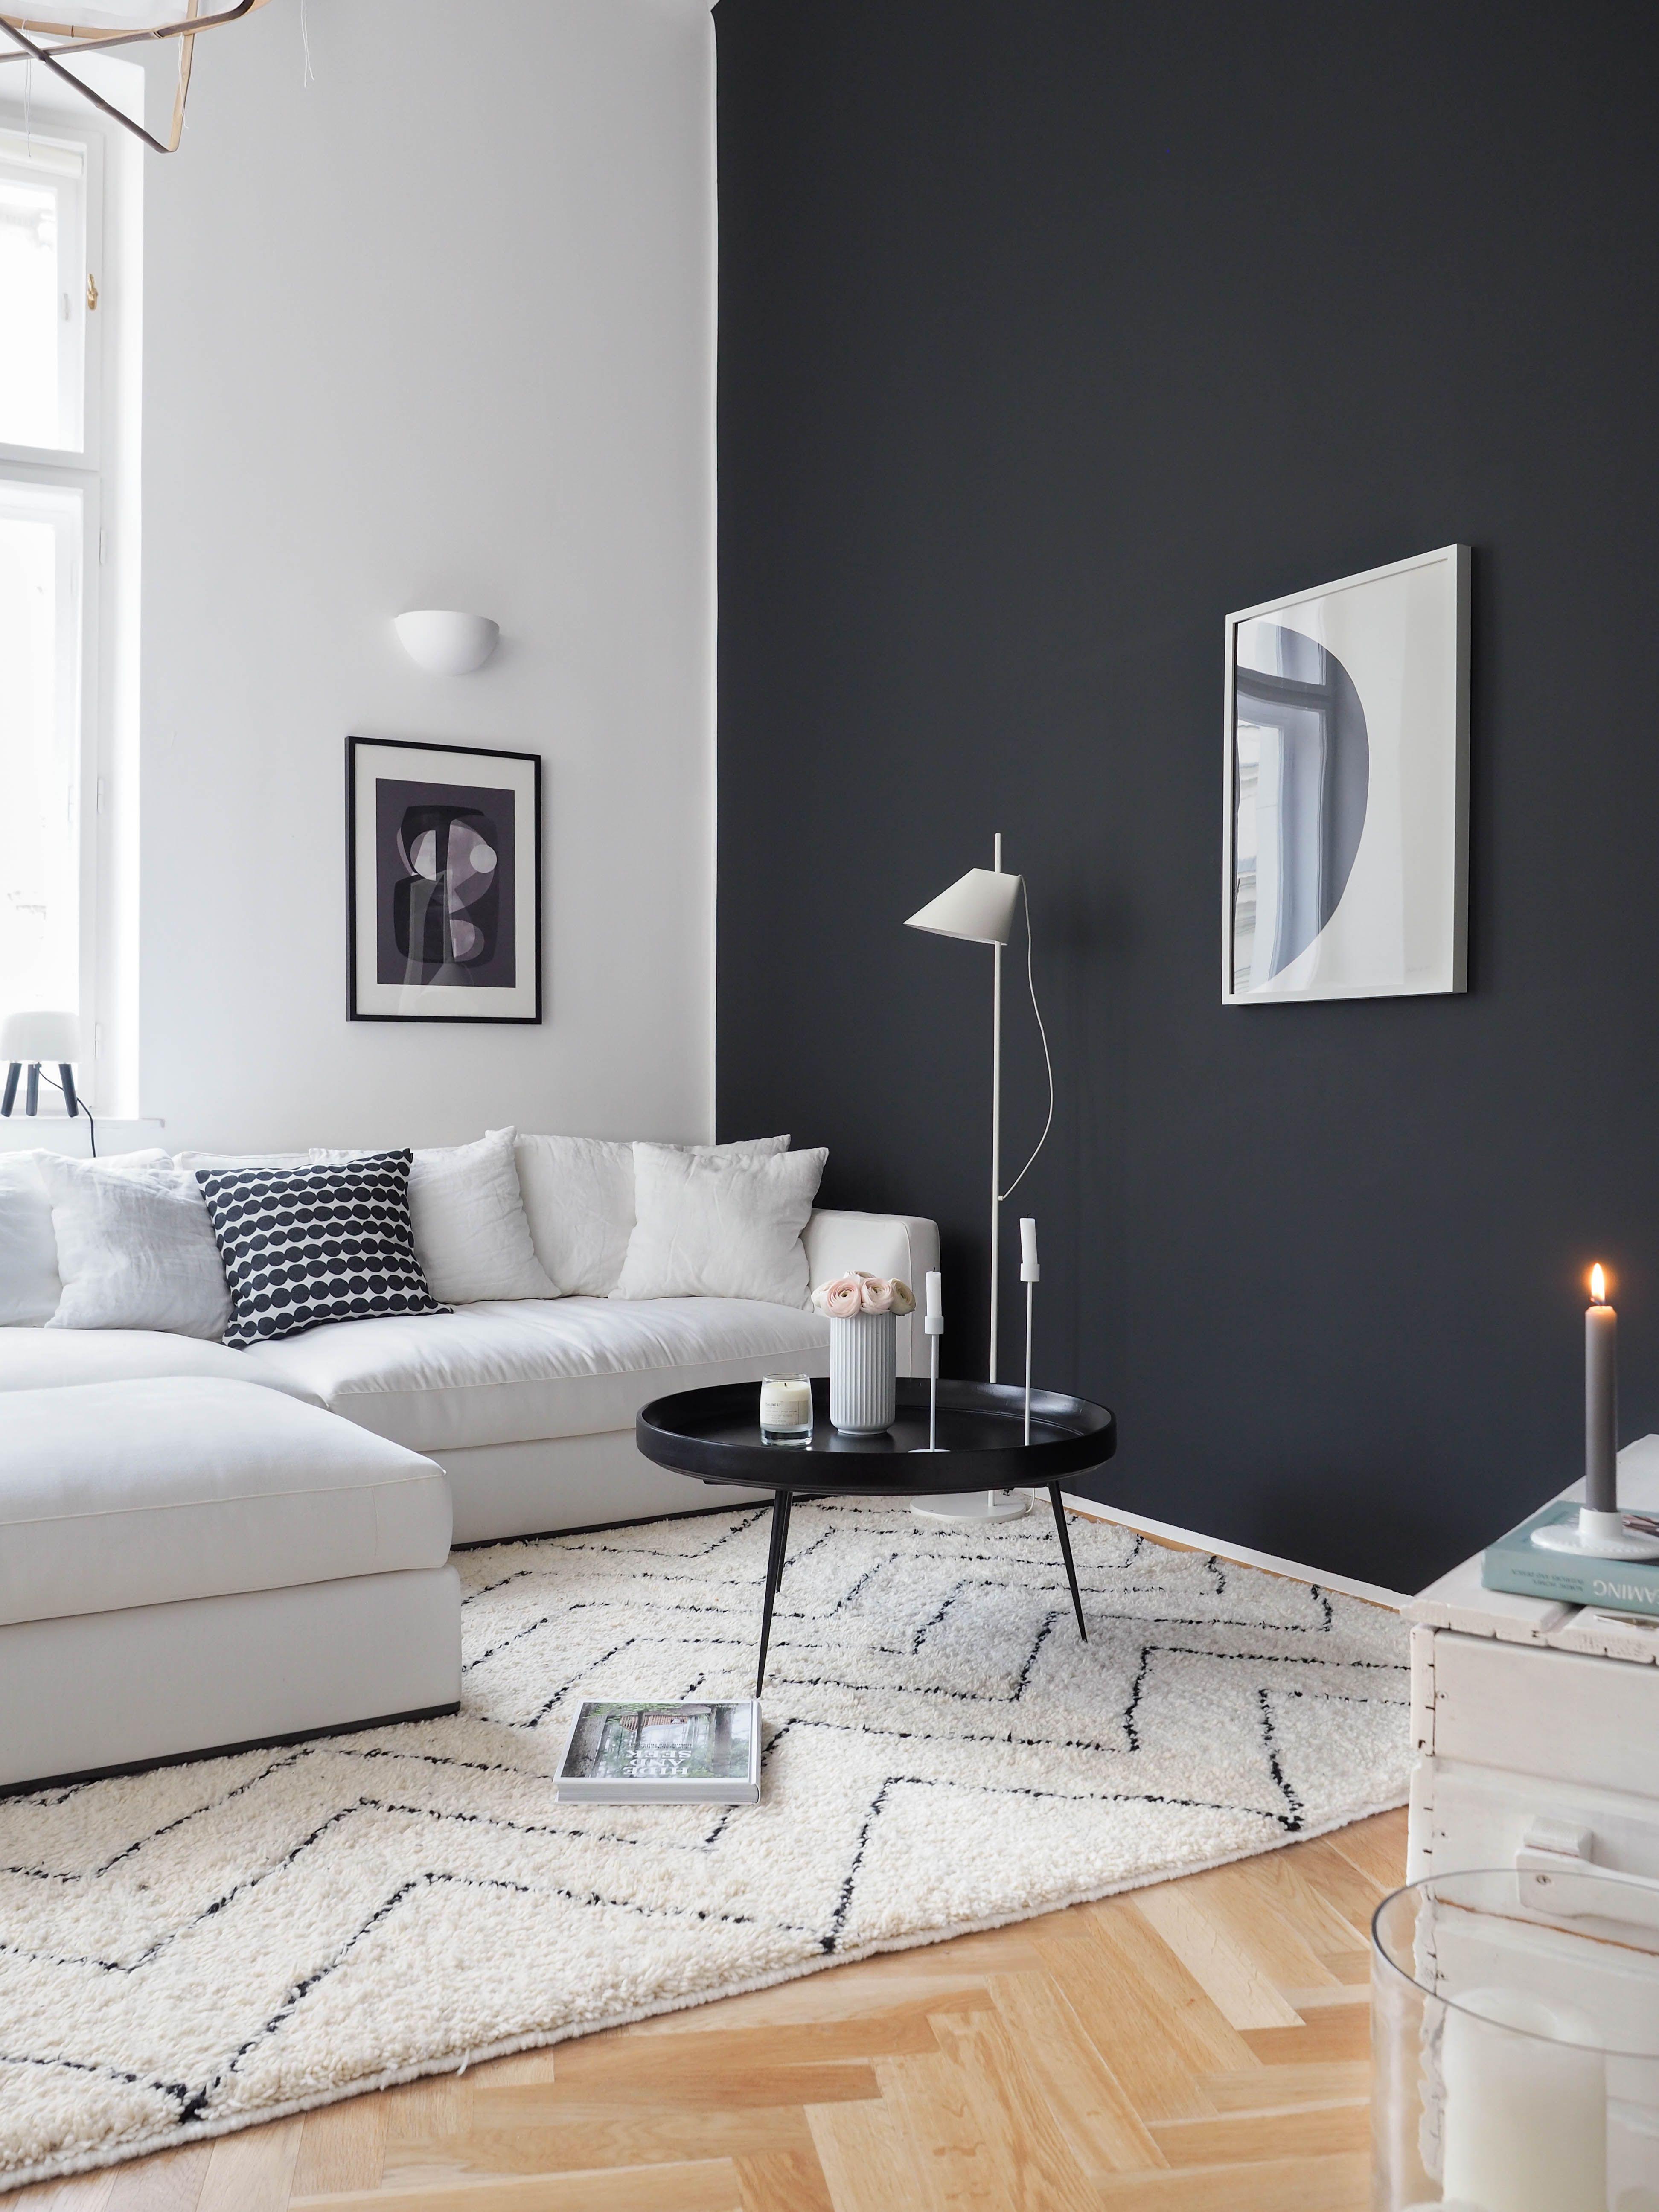 Kuhle dekoration wohnzimmer einrichten bilder for Dekoration wohnzimmer